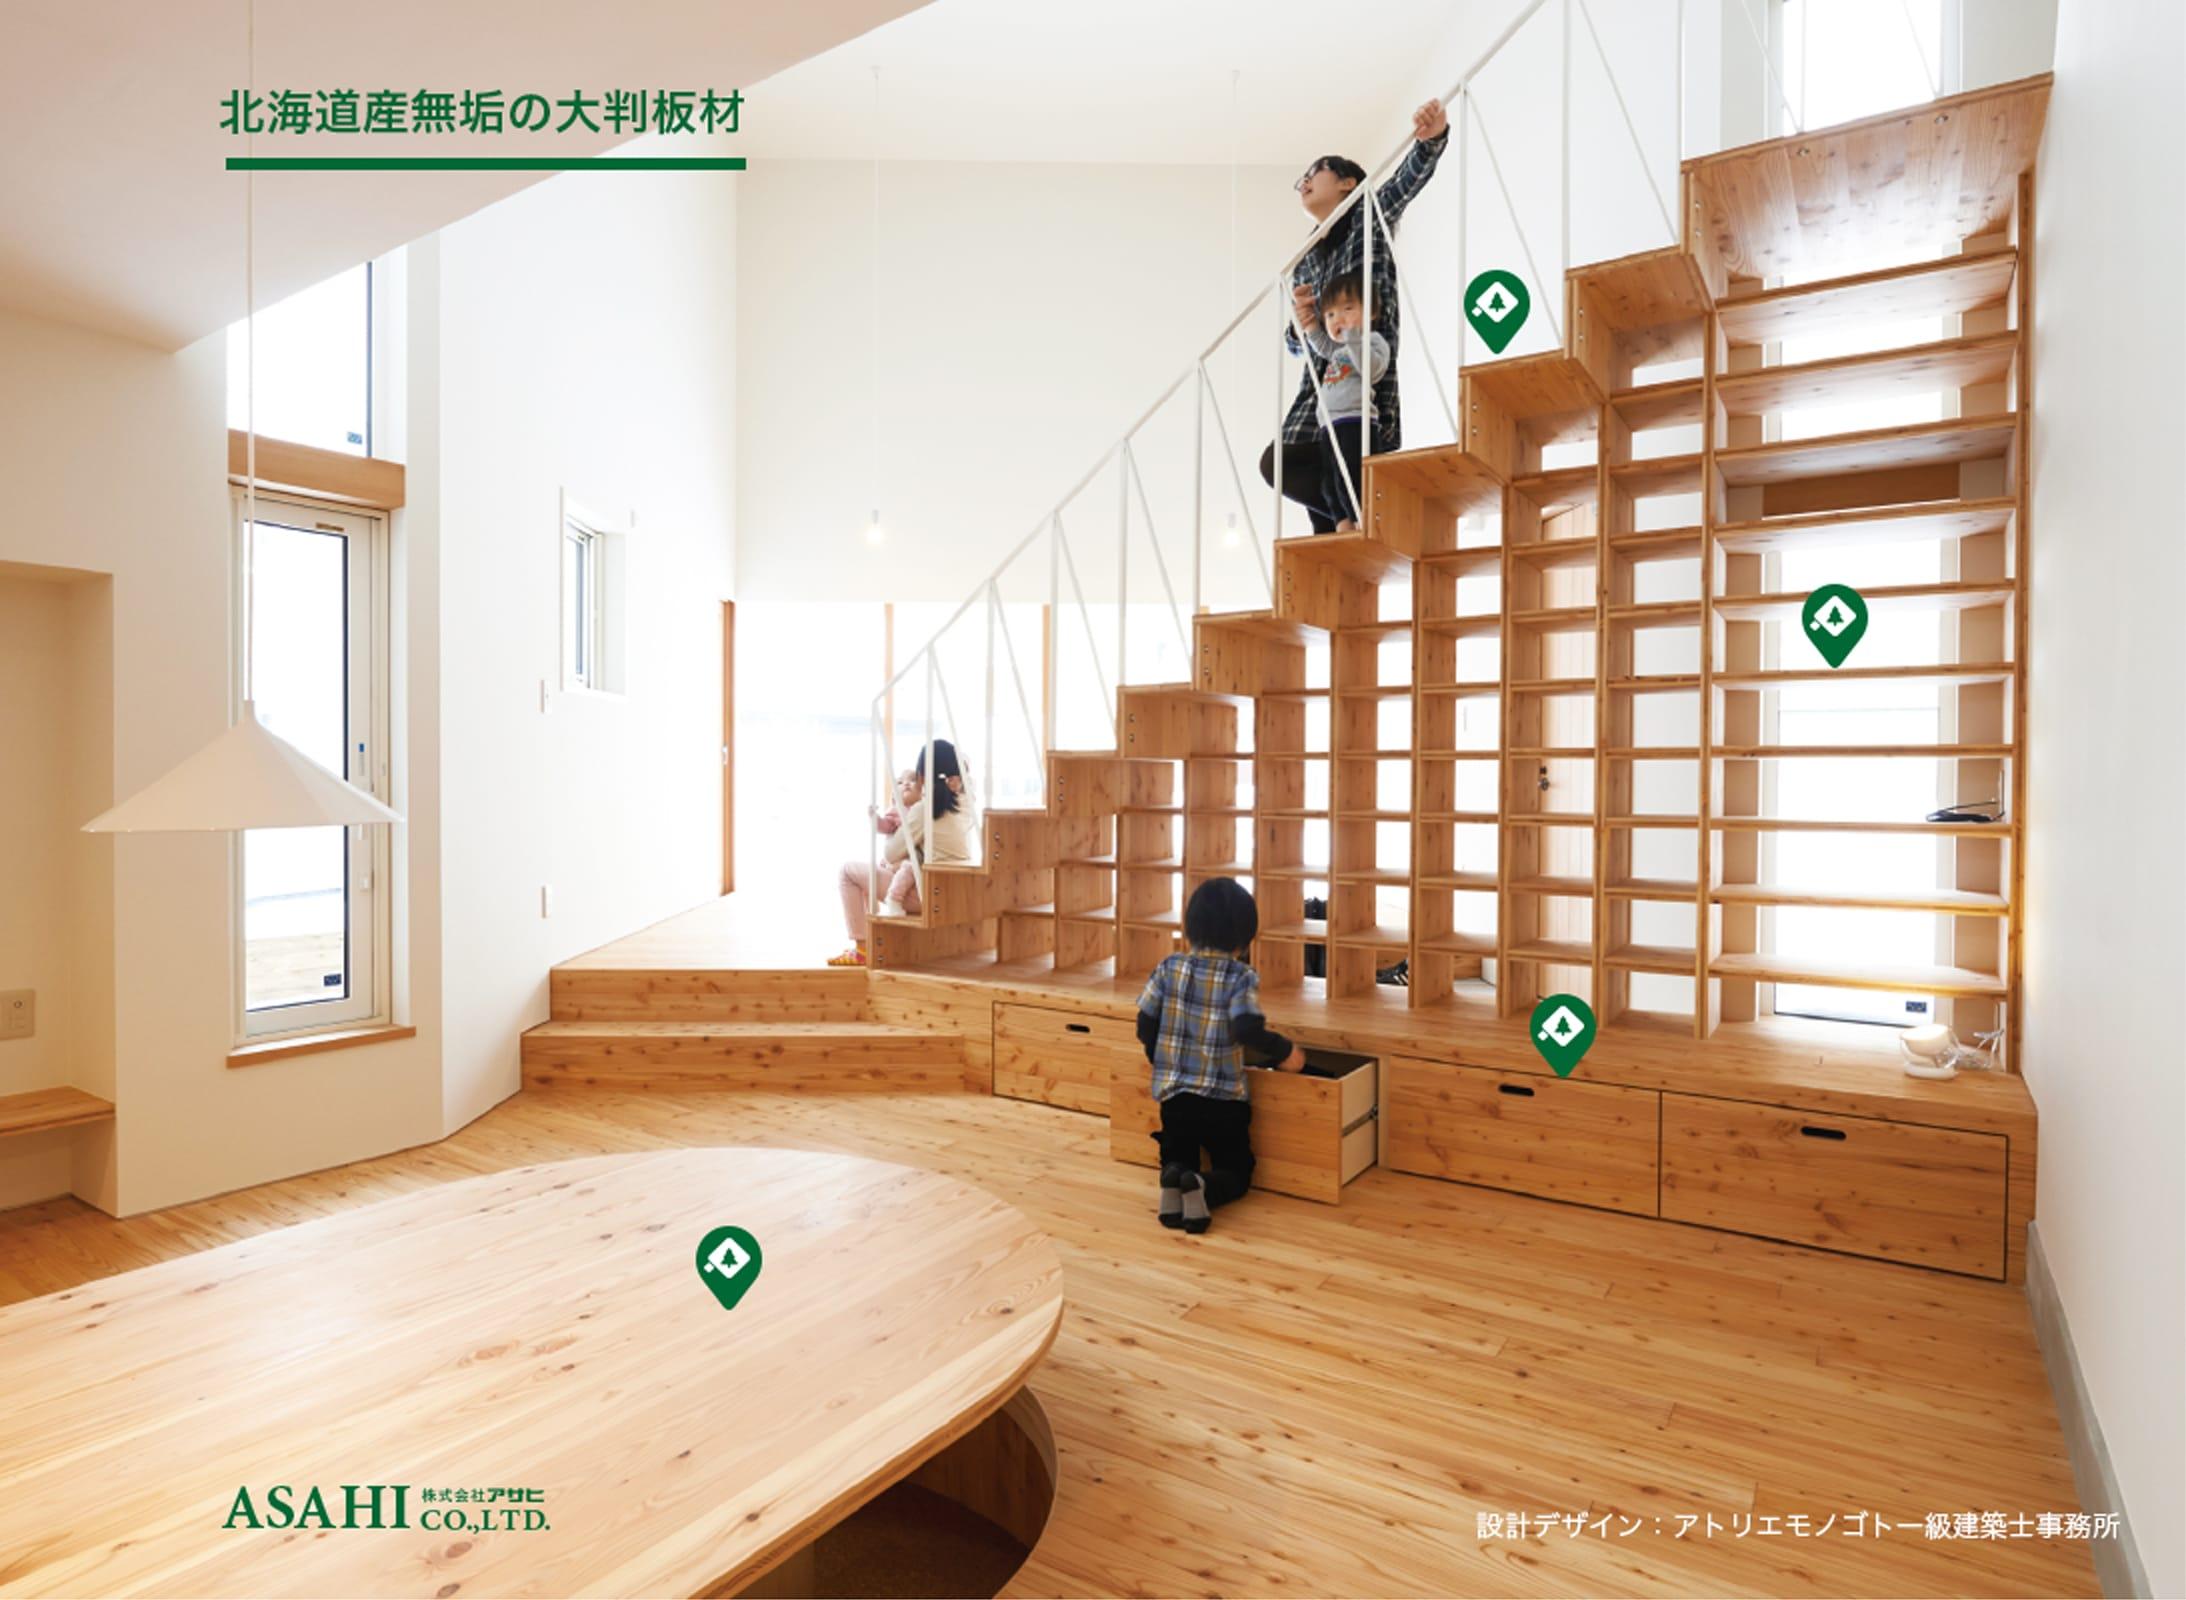 株式会社アサヒ|北海道産無垢の大判板材